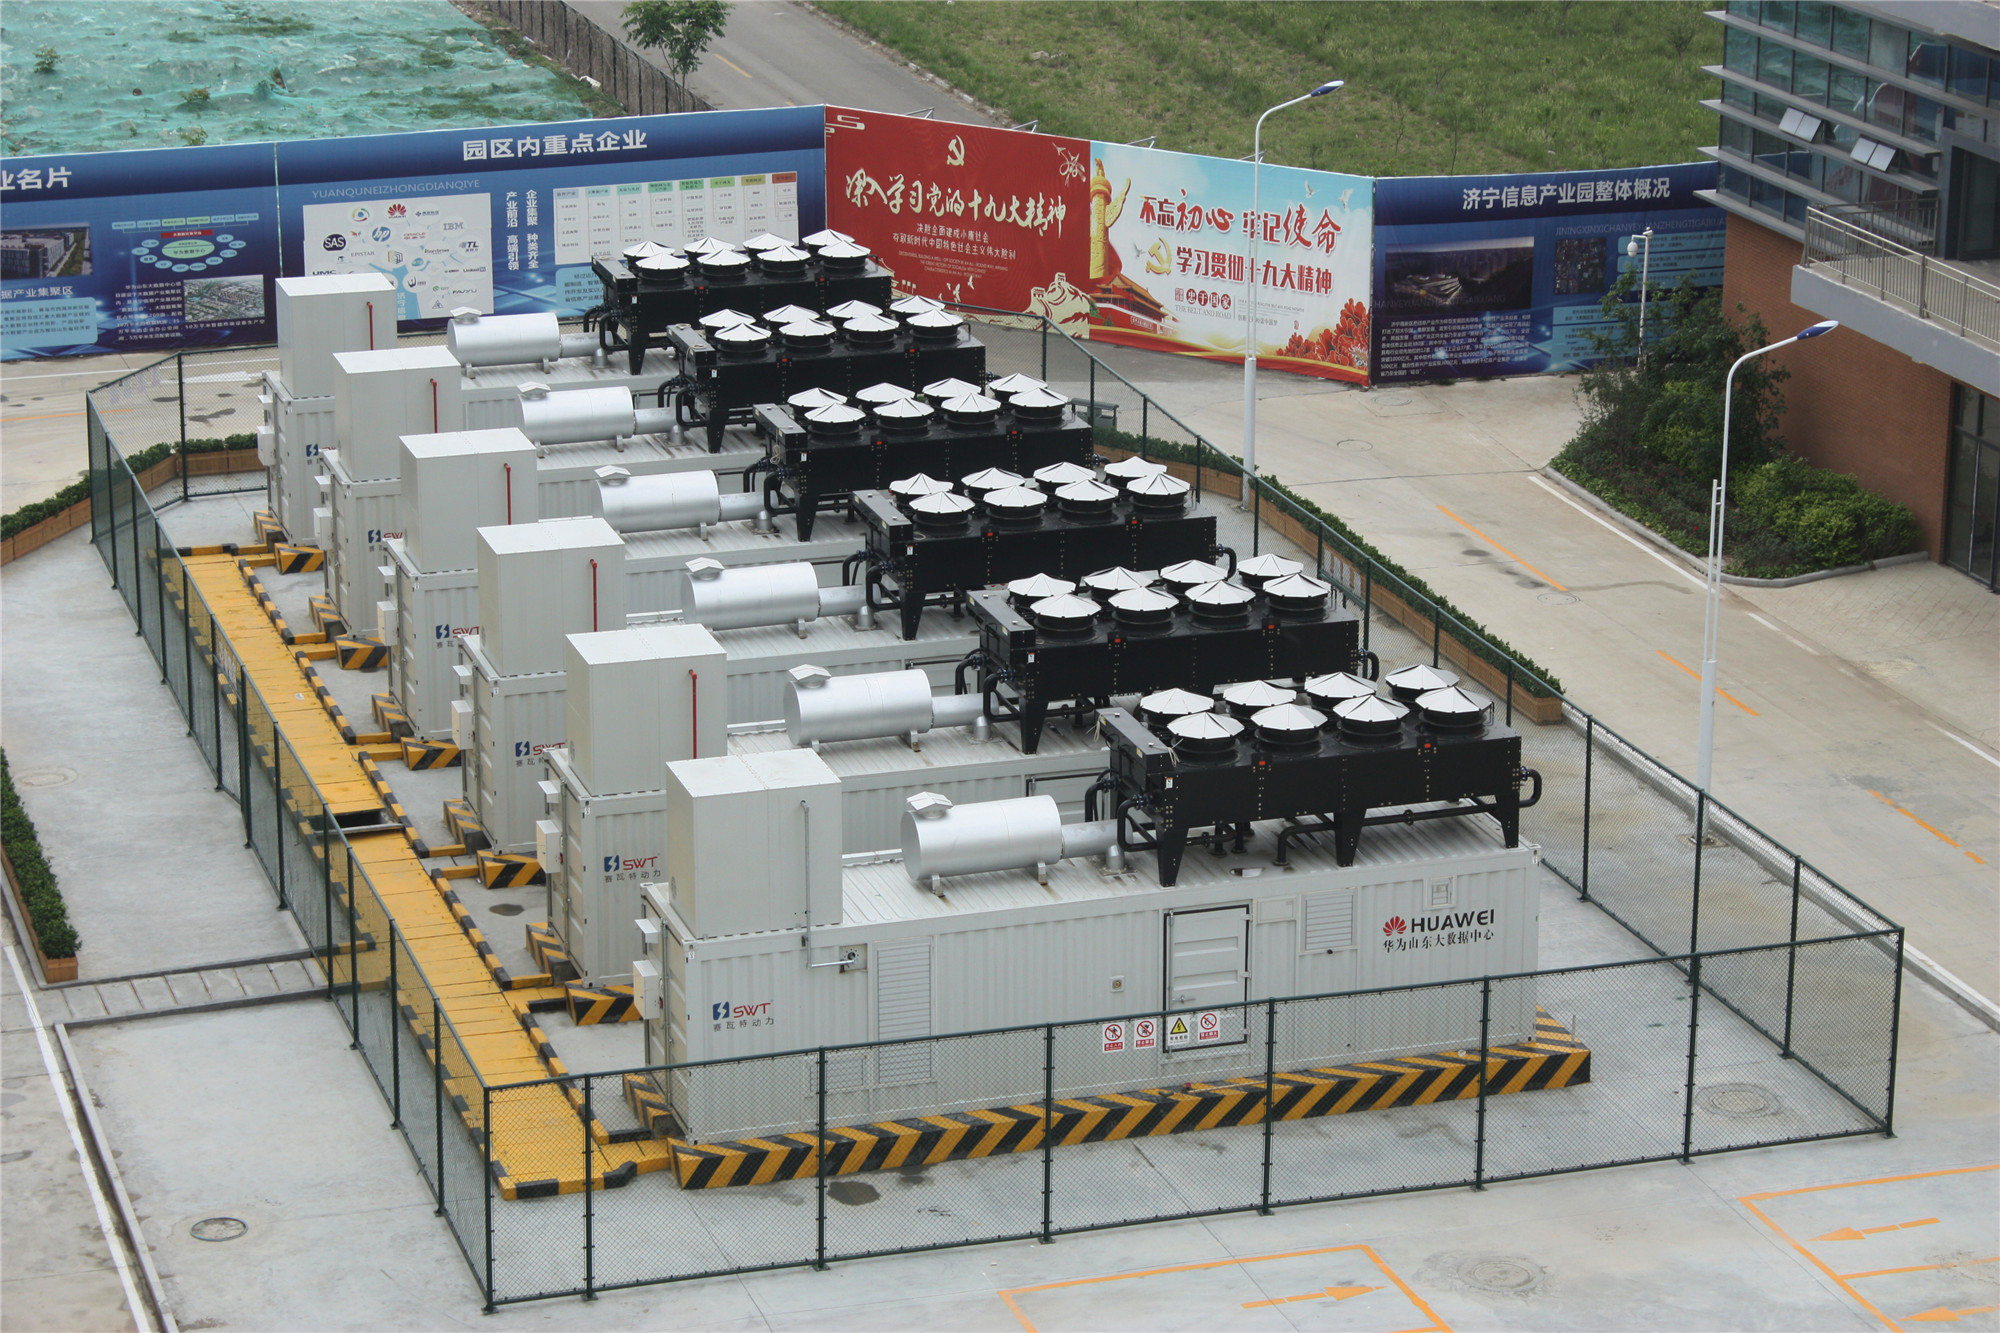 Huawei cloud computing data center (1800kW x 6 units)